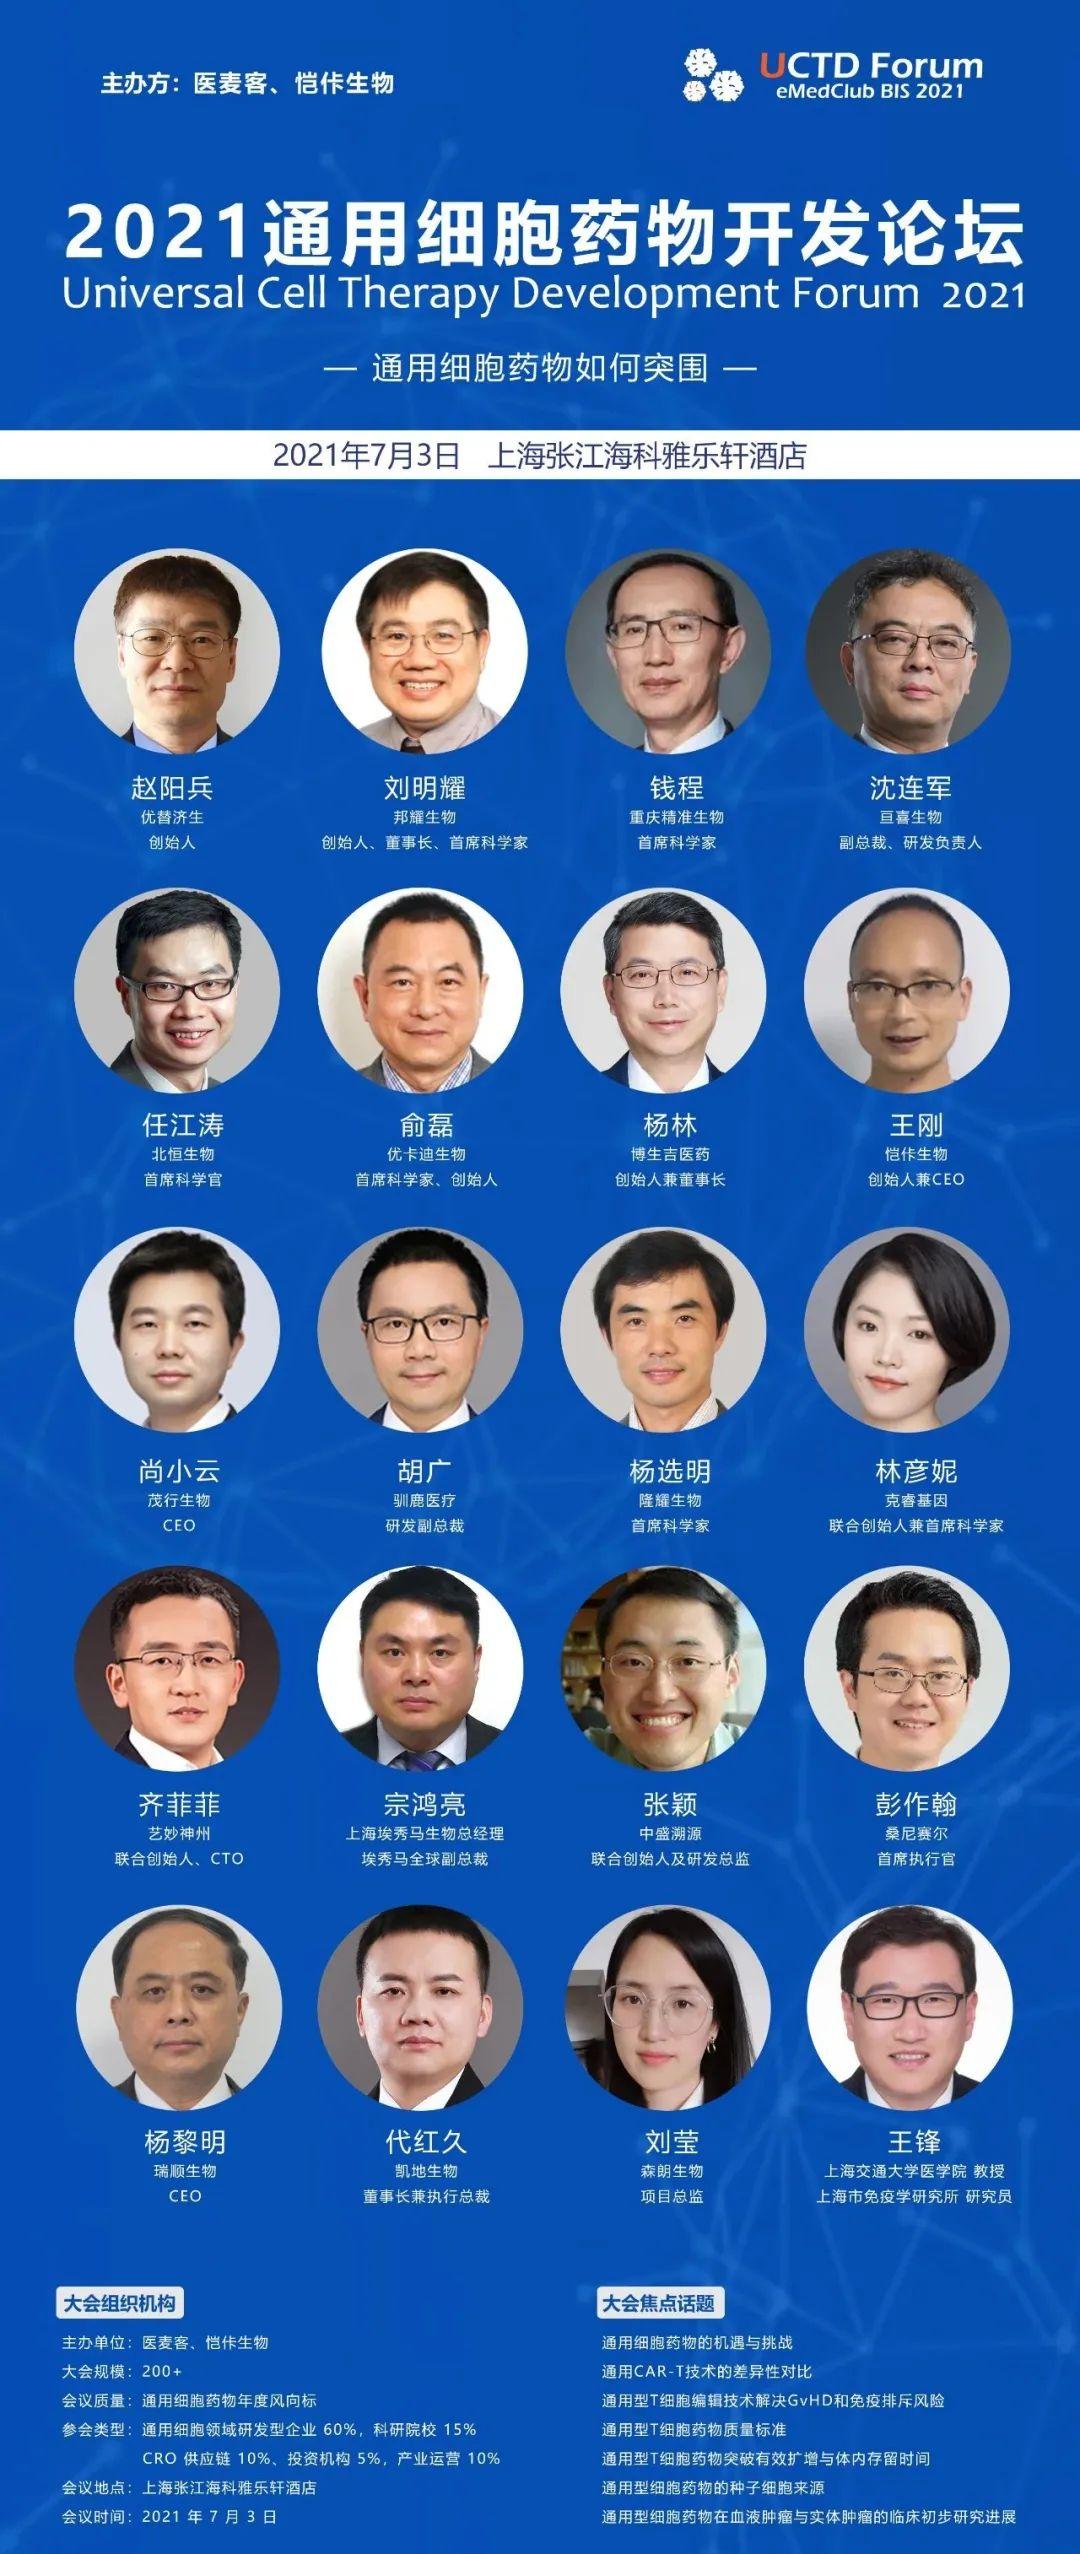 【论坛】上海·张江丨通用型细胞药物开发论坛即将7月开幕